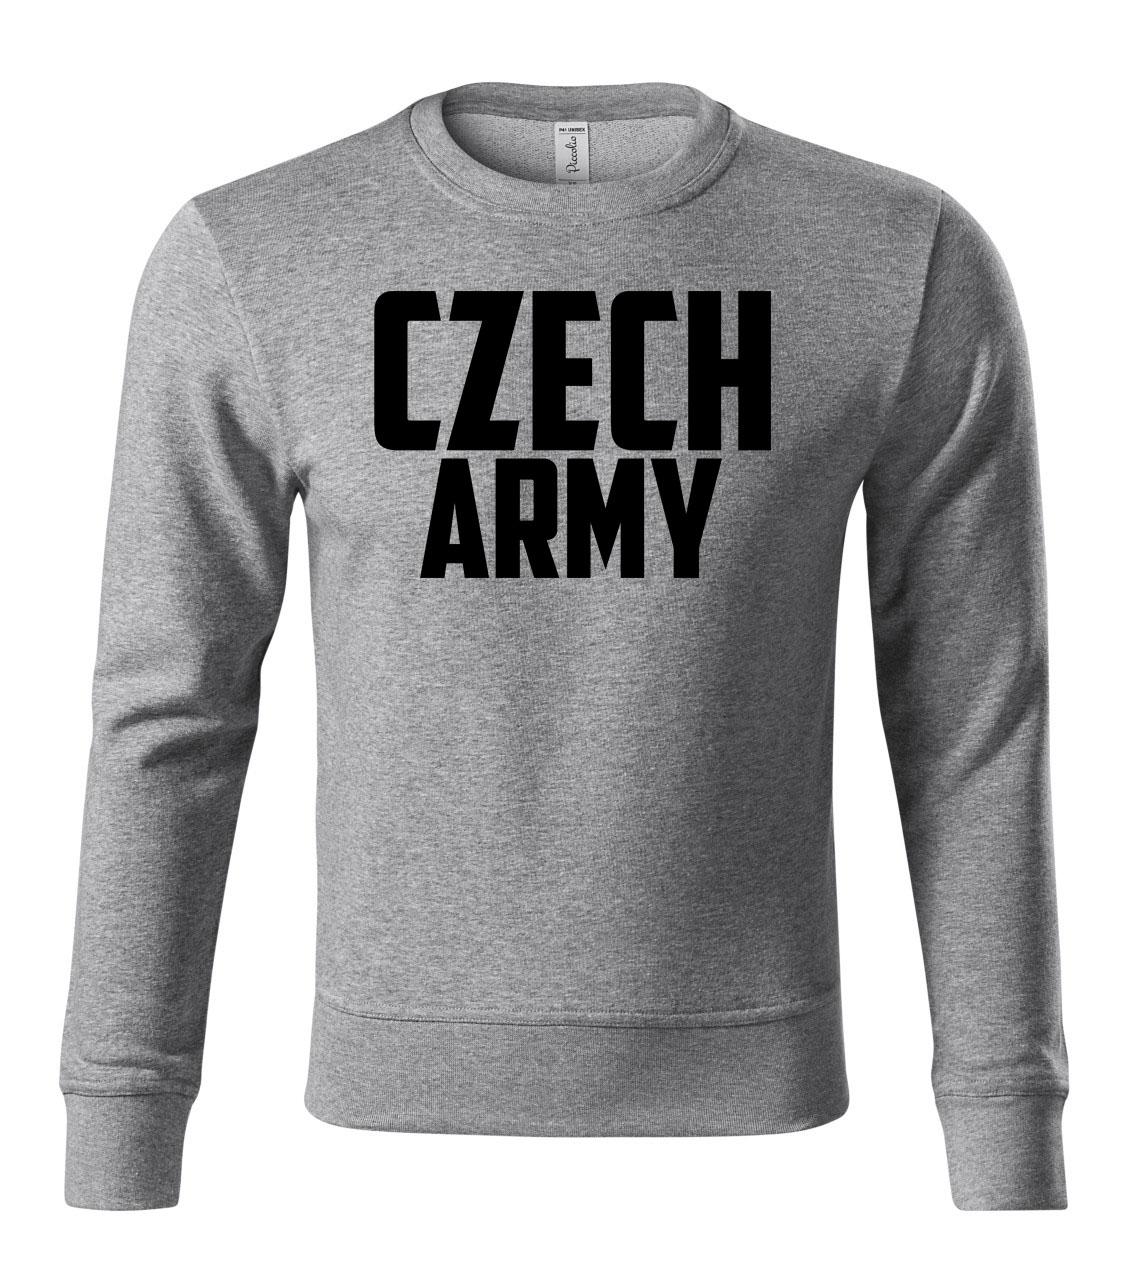 Šedá mikina STRIKER CZECH ARMY empty 942965c27f